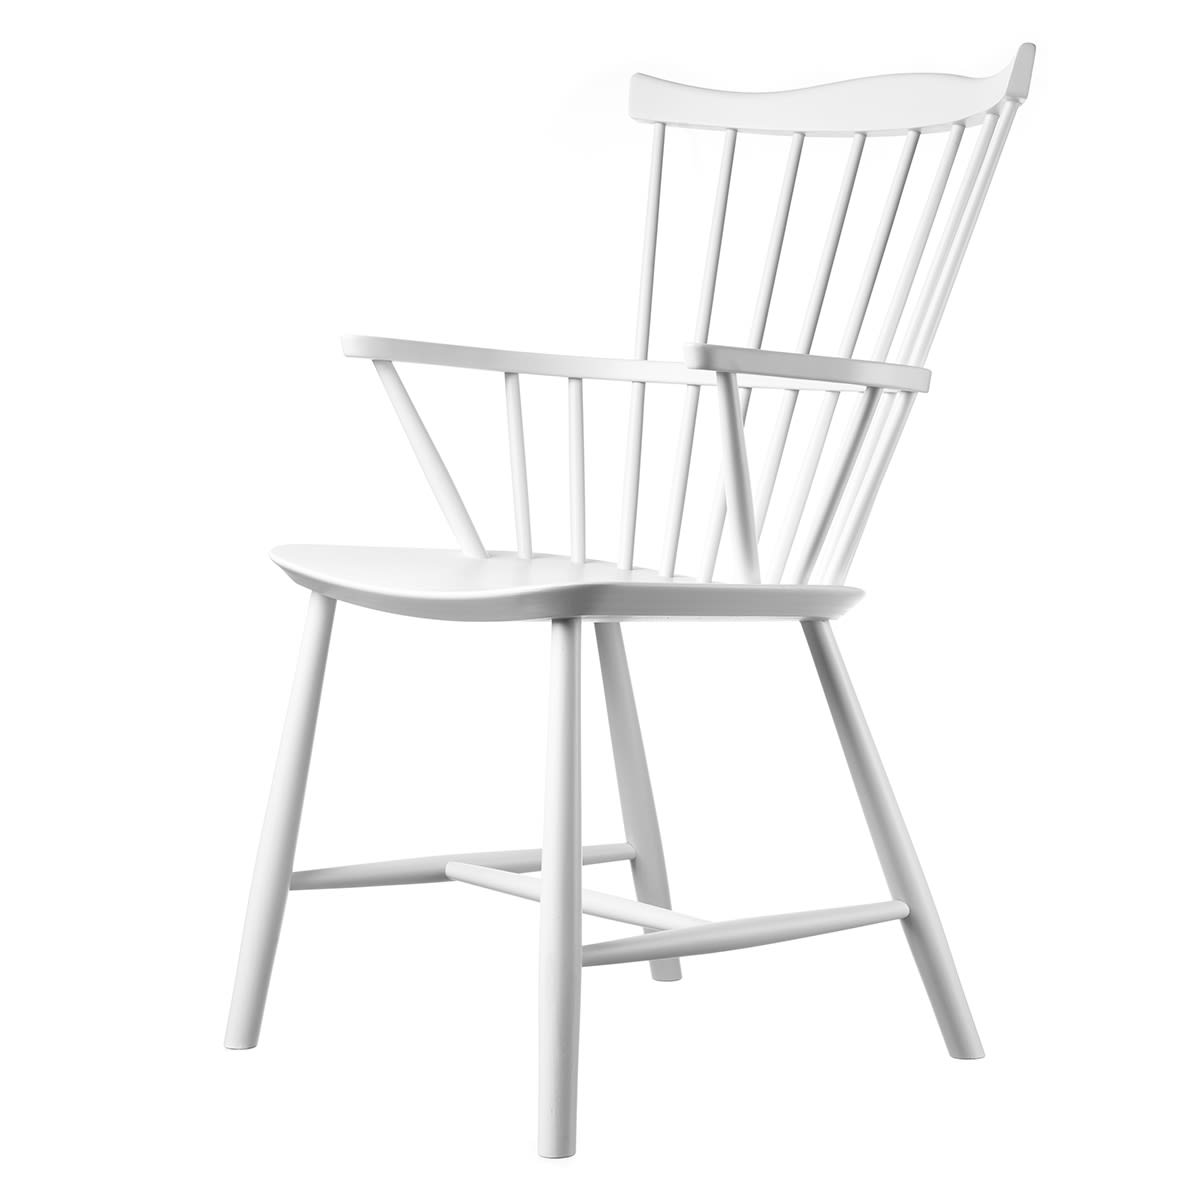 FDB Møbler - Ikonisk, funktionel og smuk